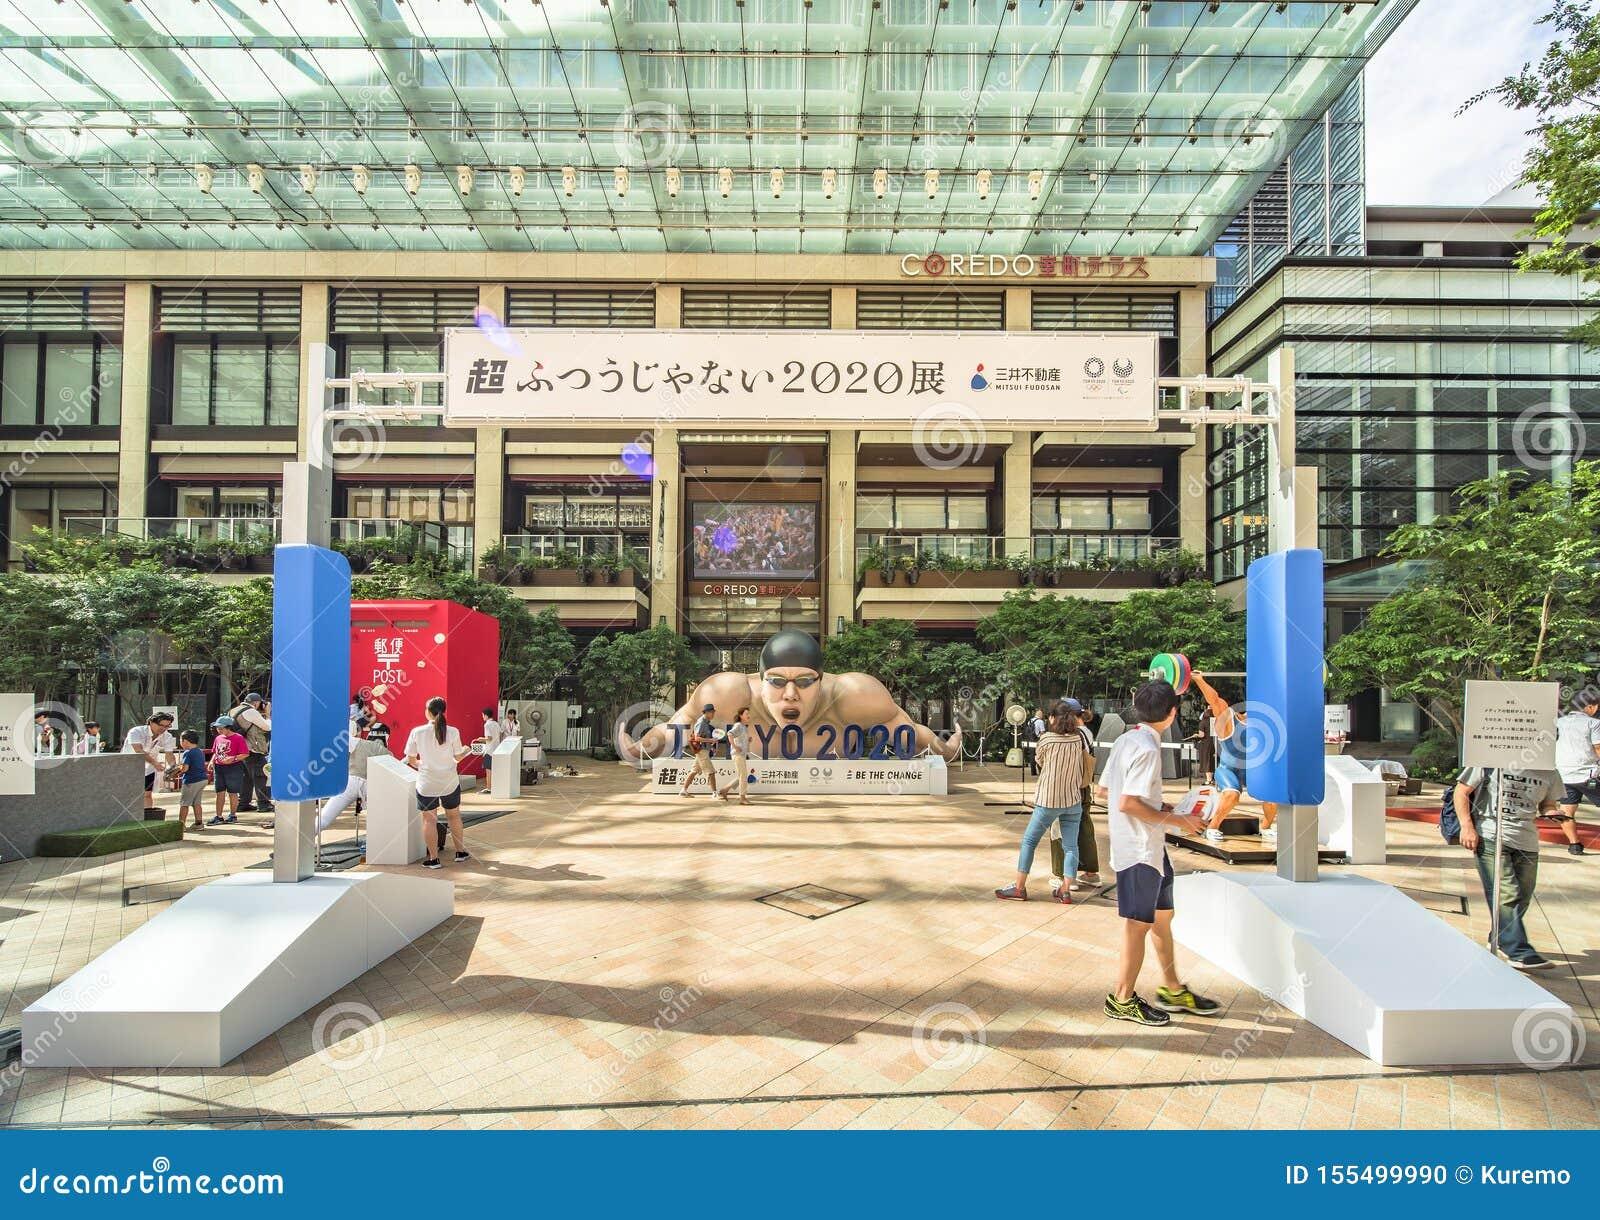 """Событие """"Токио 2020 изменения """"организованное на теме будущих Олимпийских Игр в Токио в 2020"""